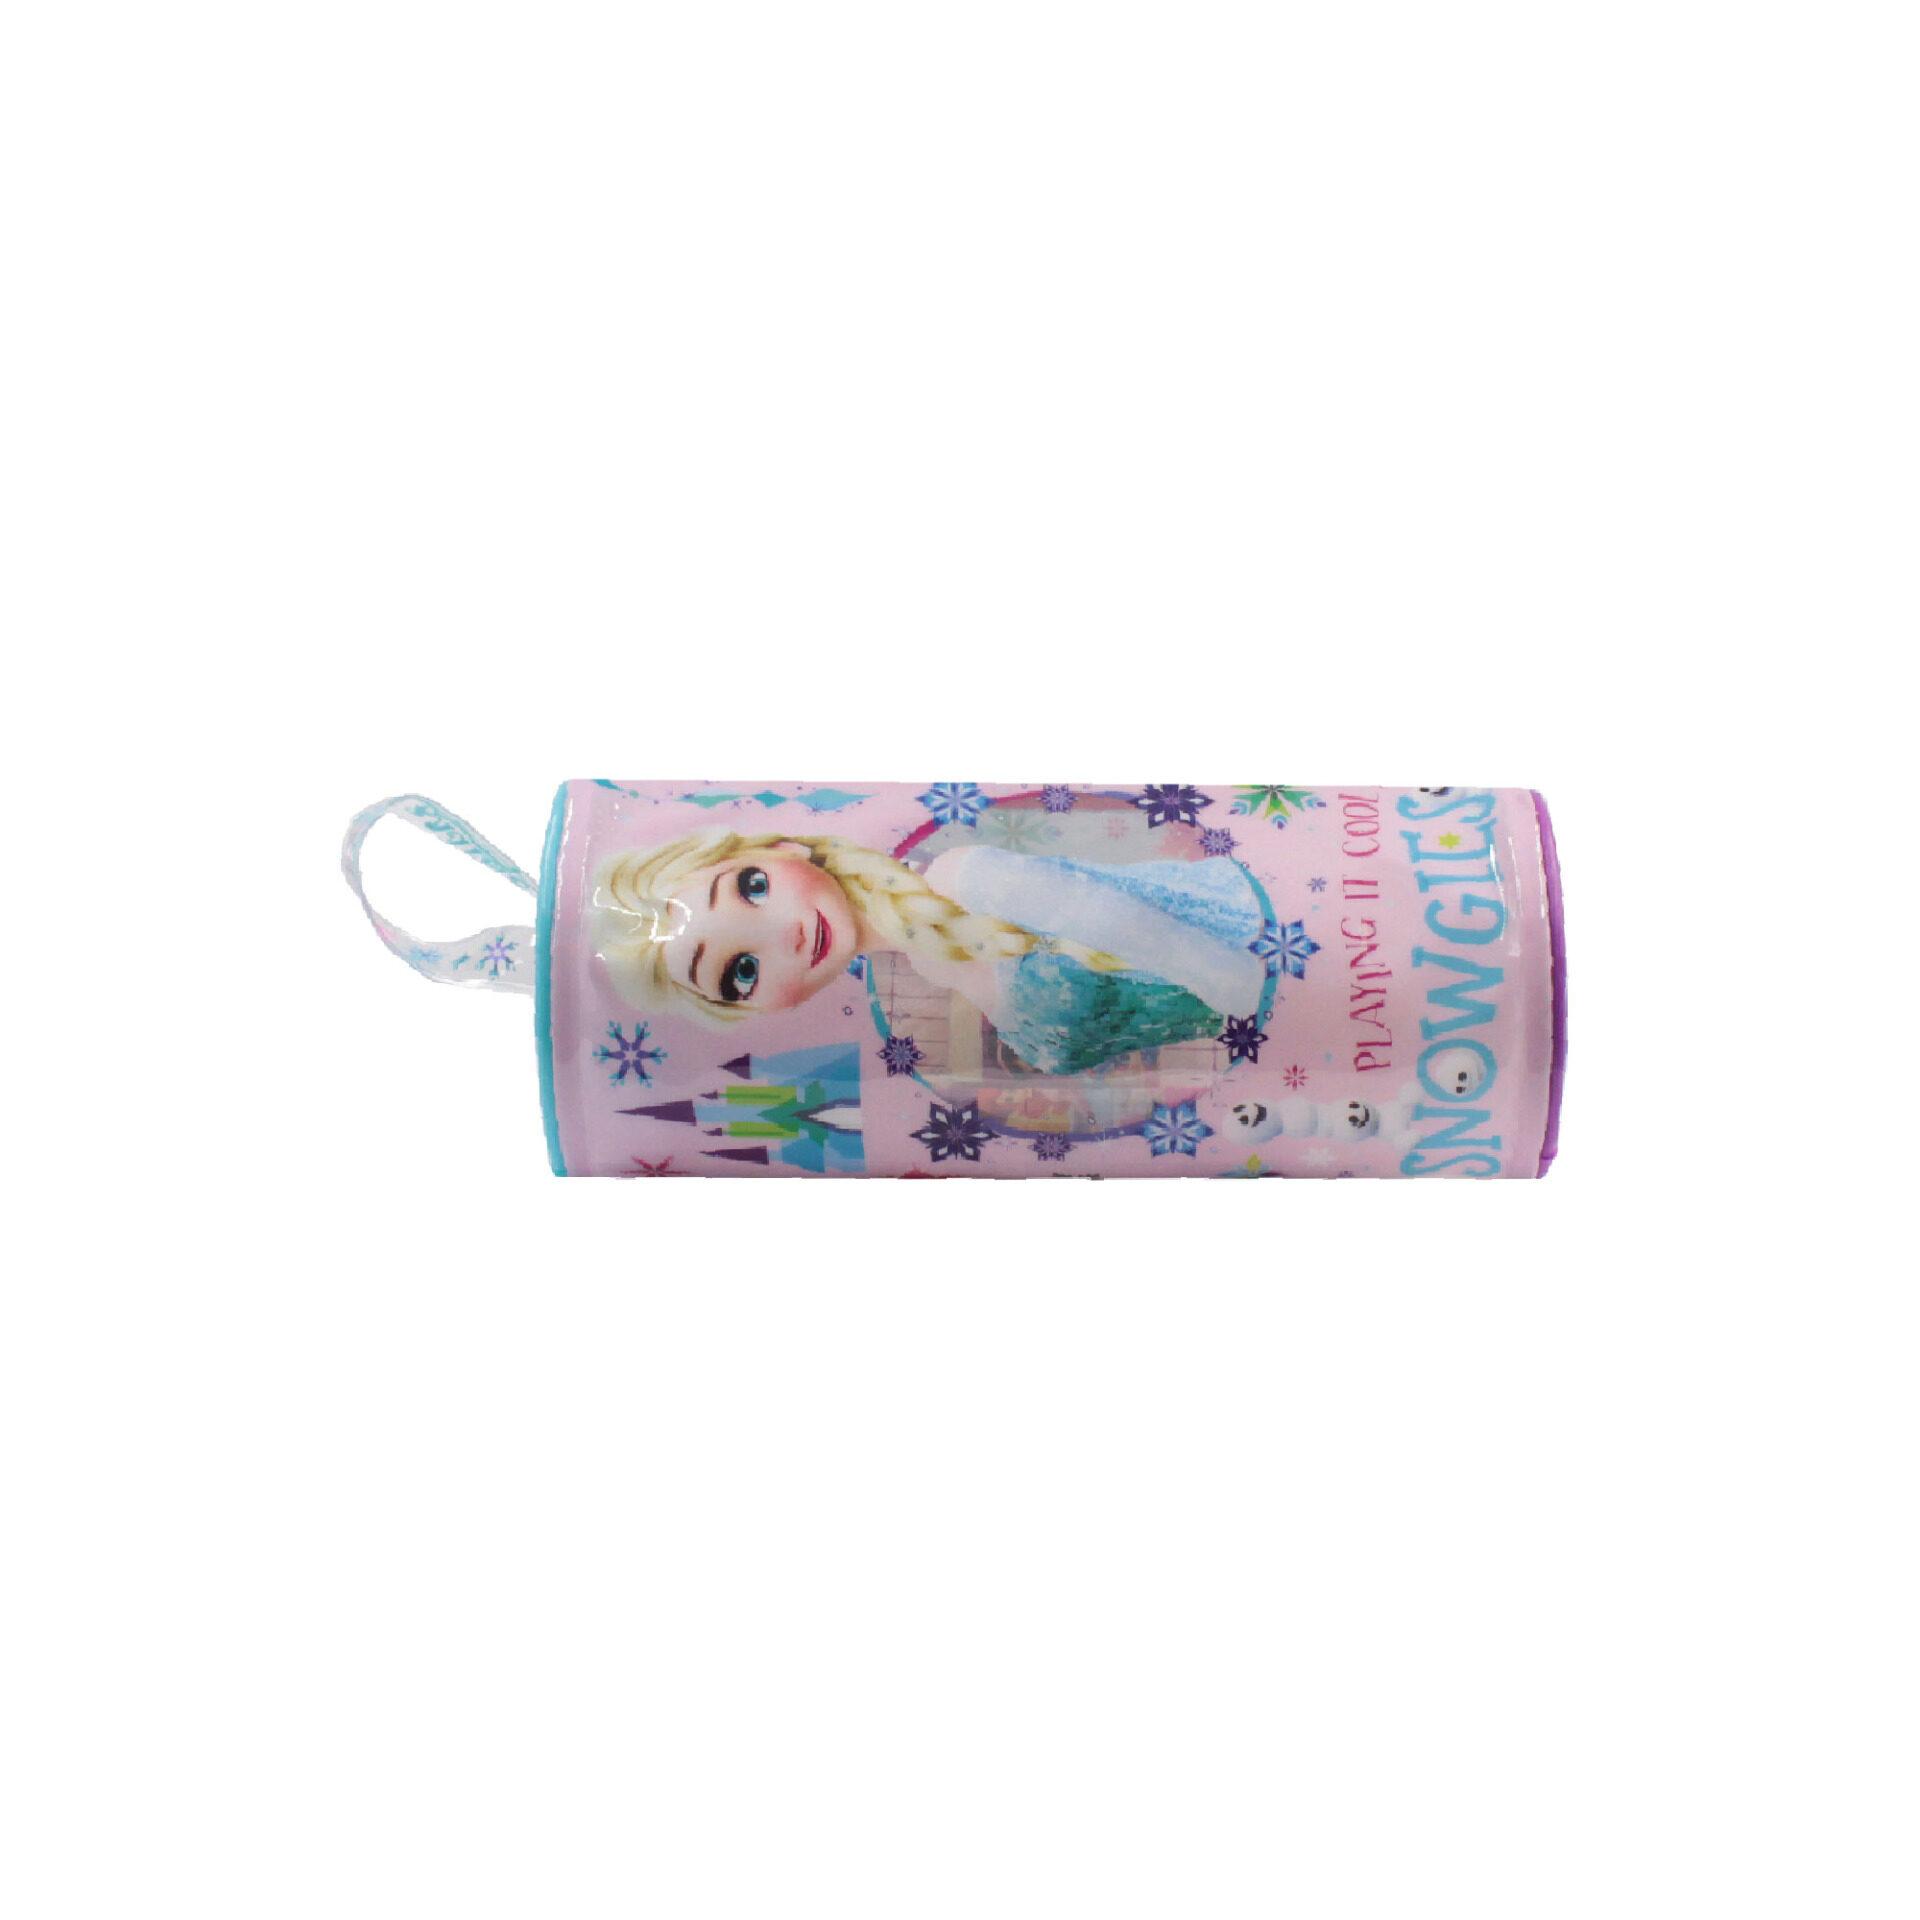 Disney Frozen 2 Princess Elsa 4 in 1 Stationery Set - Pencil Case, Ruler, Eraser & Sharperner